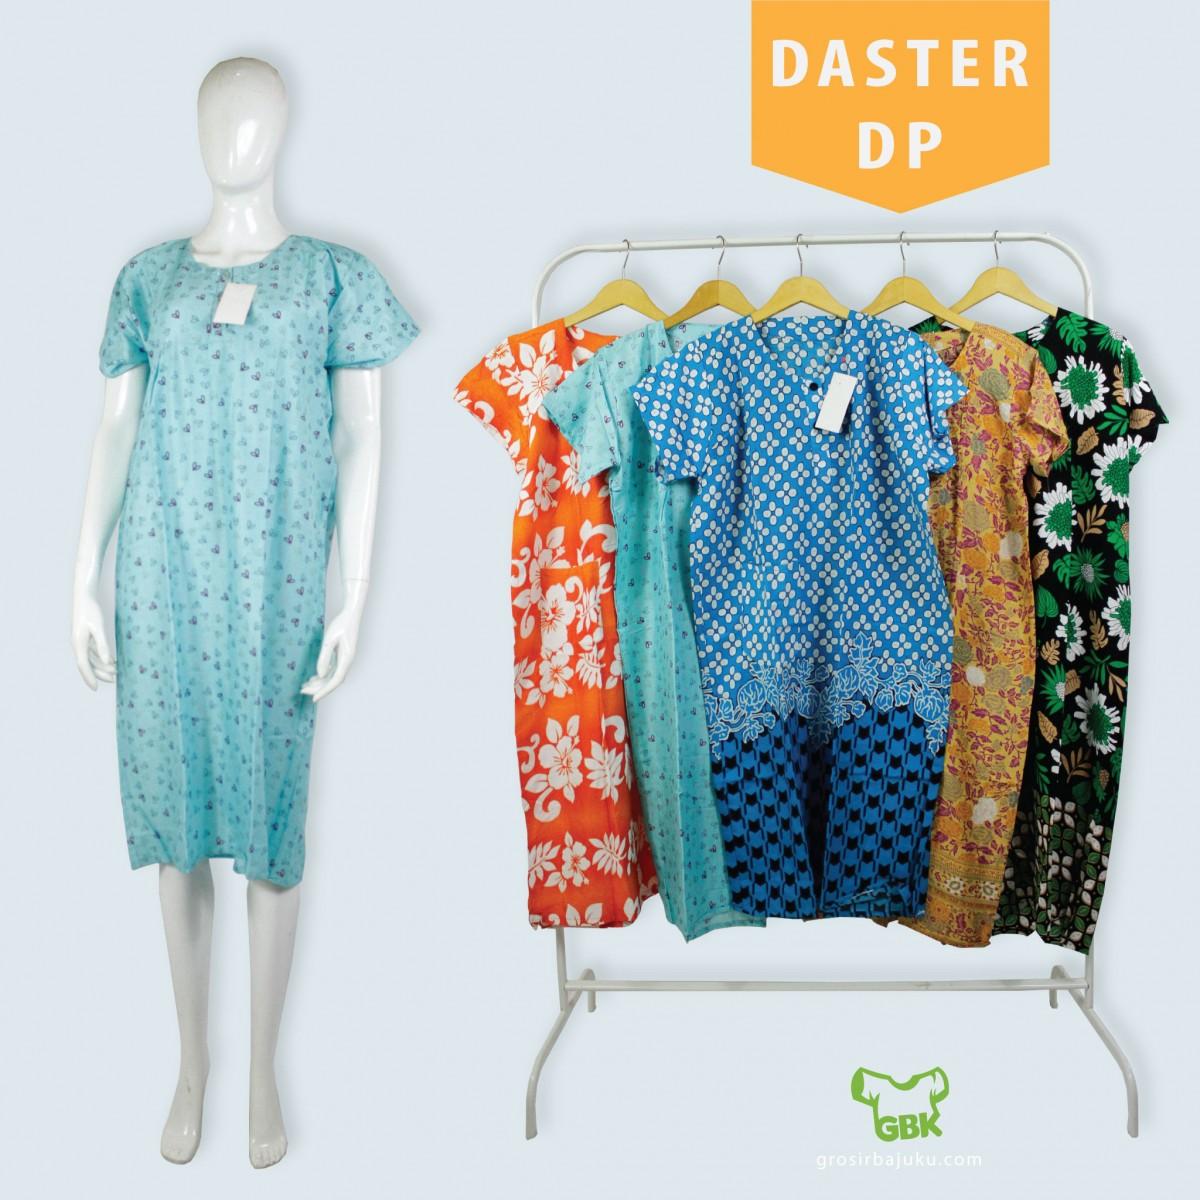 Distributor Daster Konveksi Daster DP Dewasa Murah